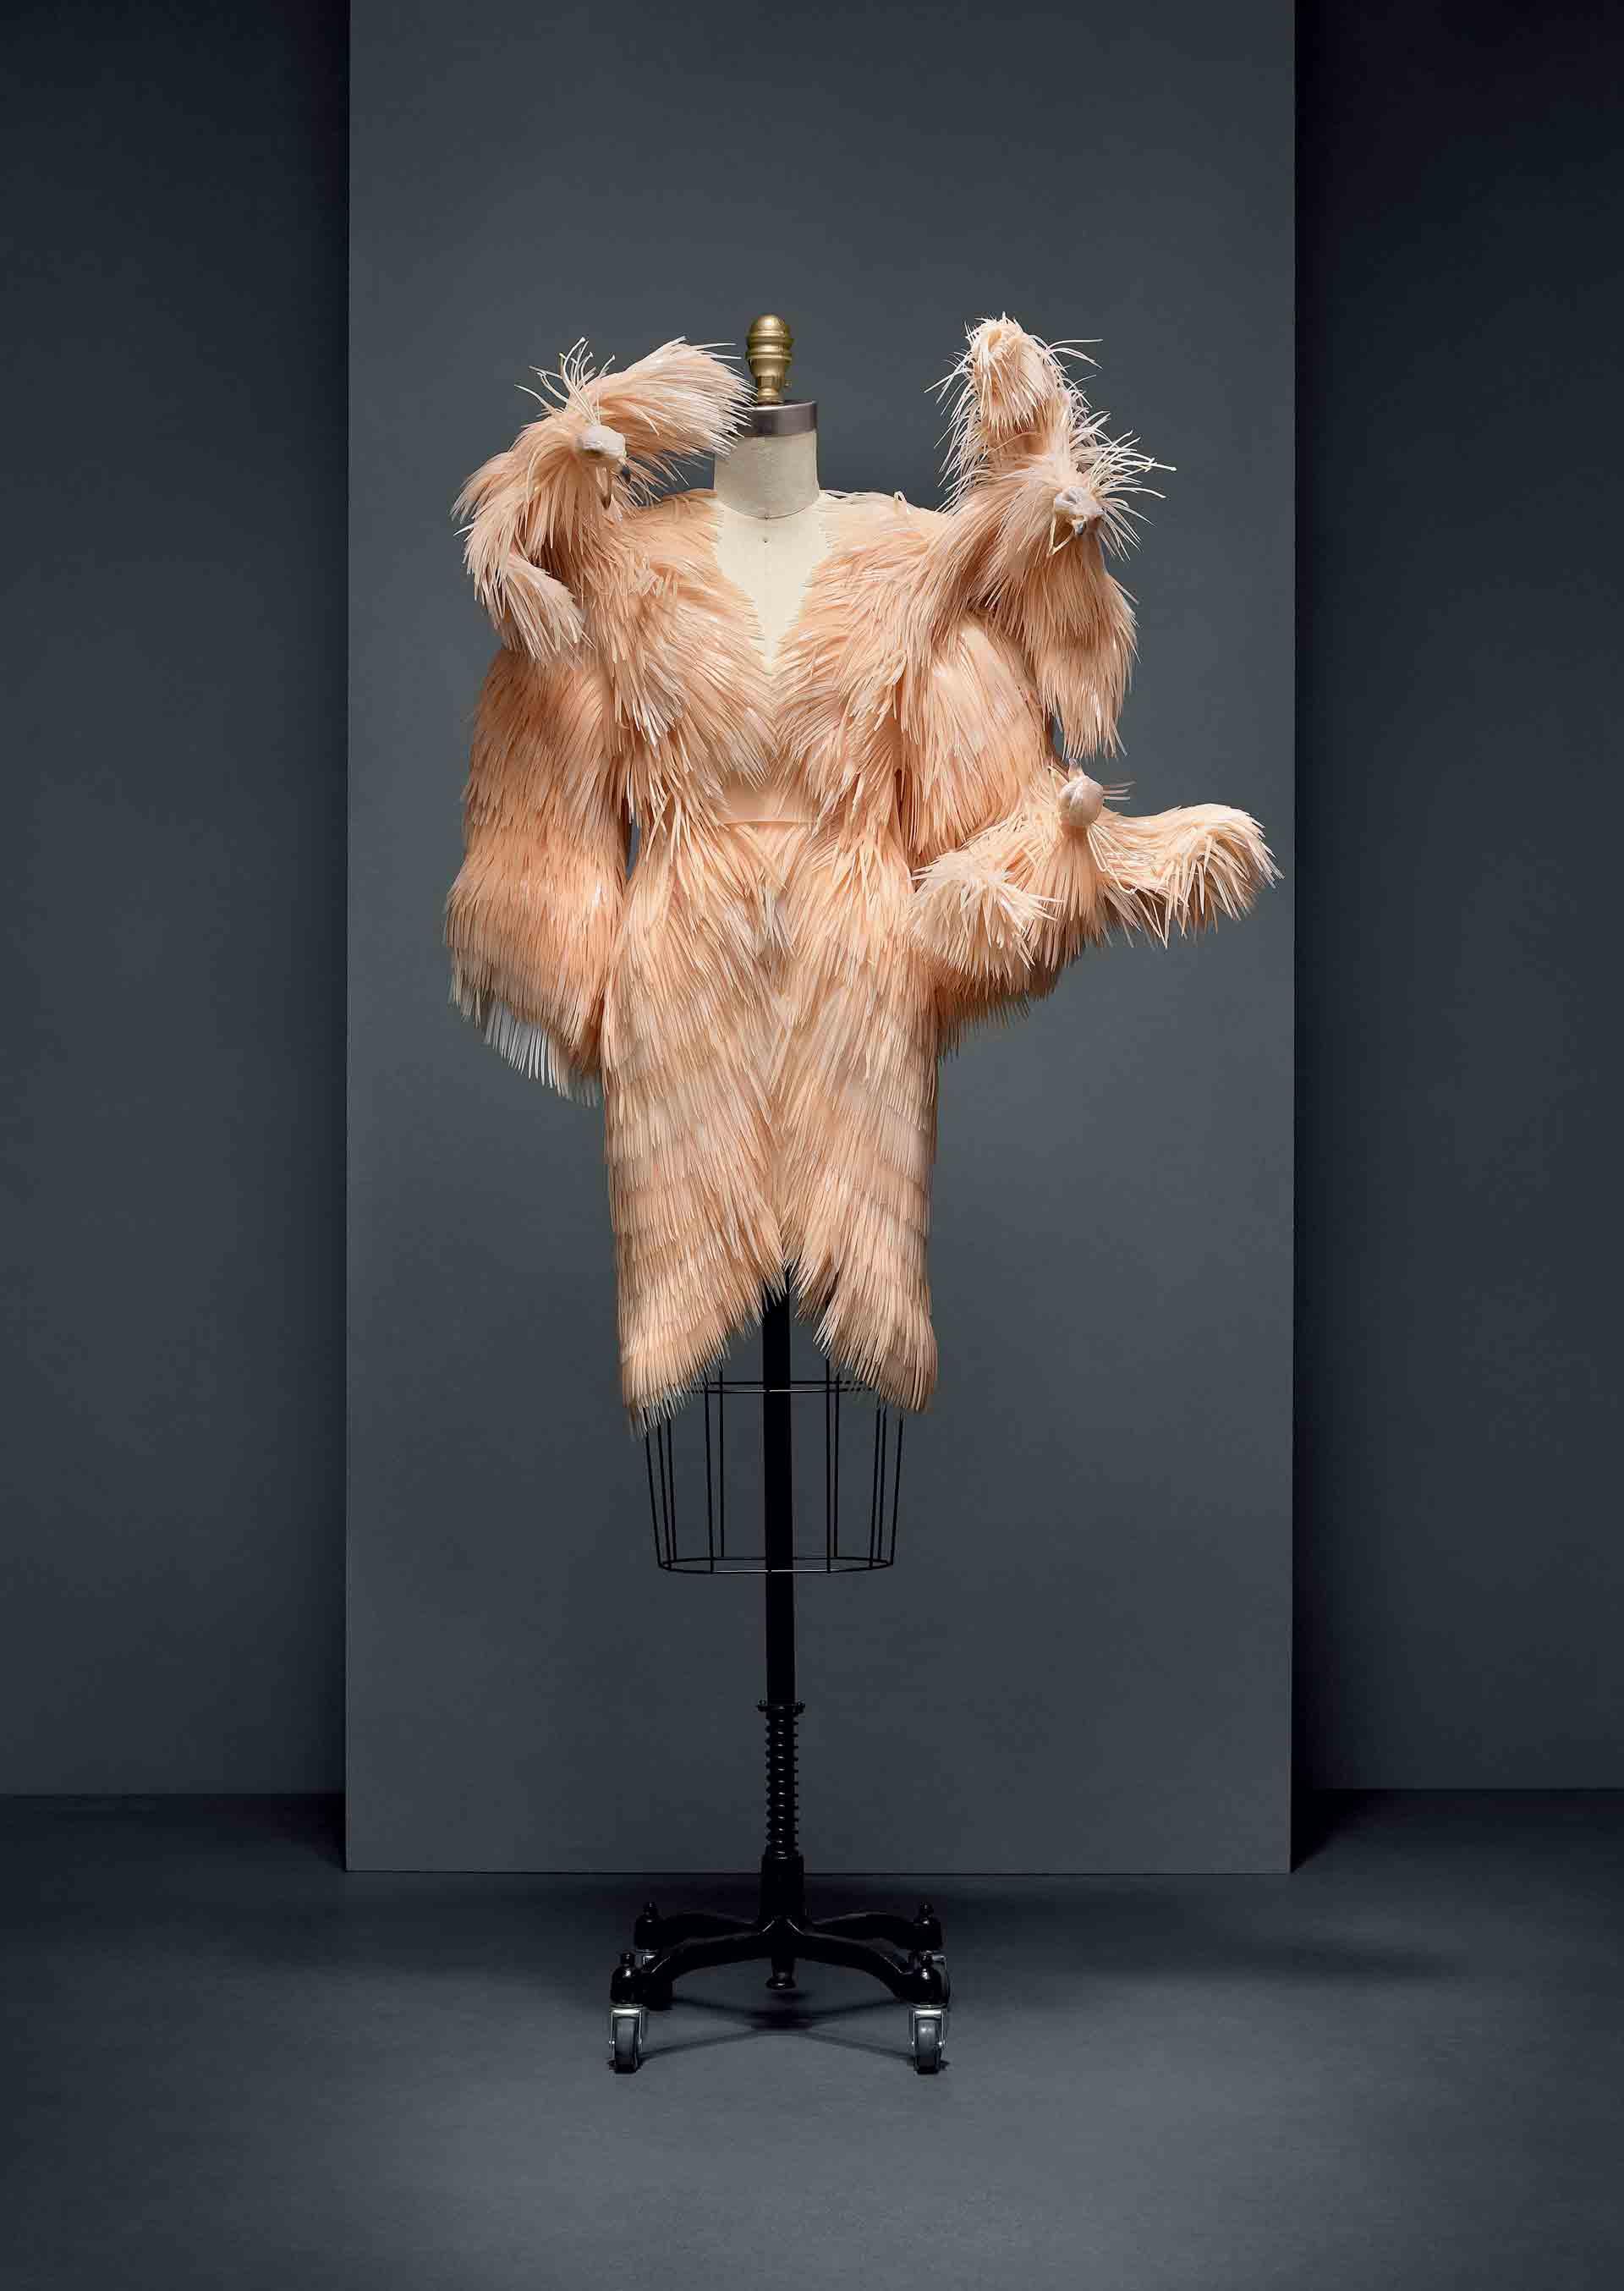 Dress, Iris van Herpen, najaar 2013